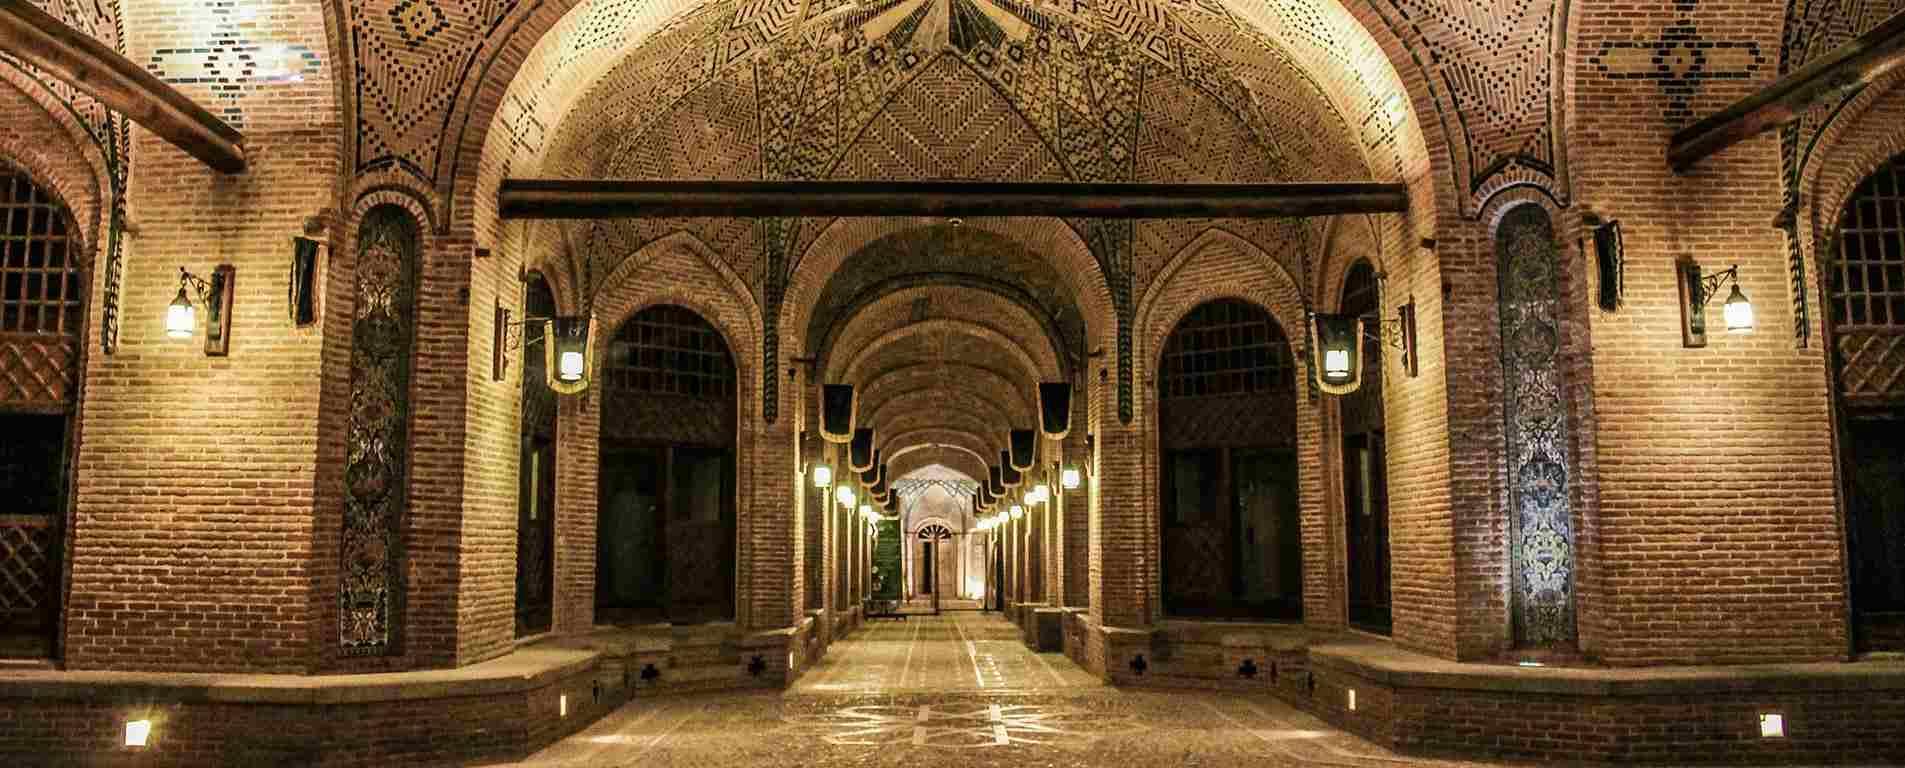 کاروانسرای سعد السلطنه ، بزرگترین کاروانسرای شهری جهان